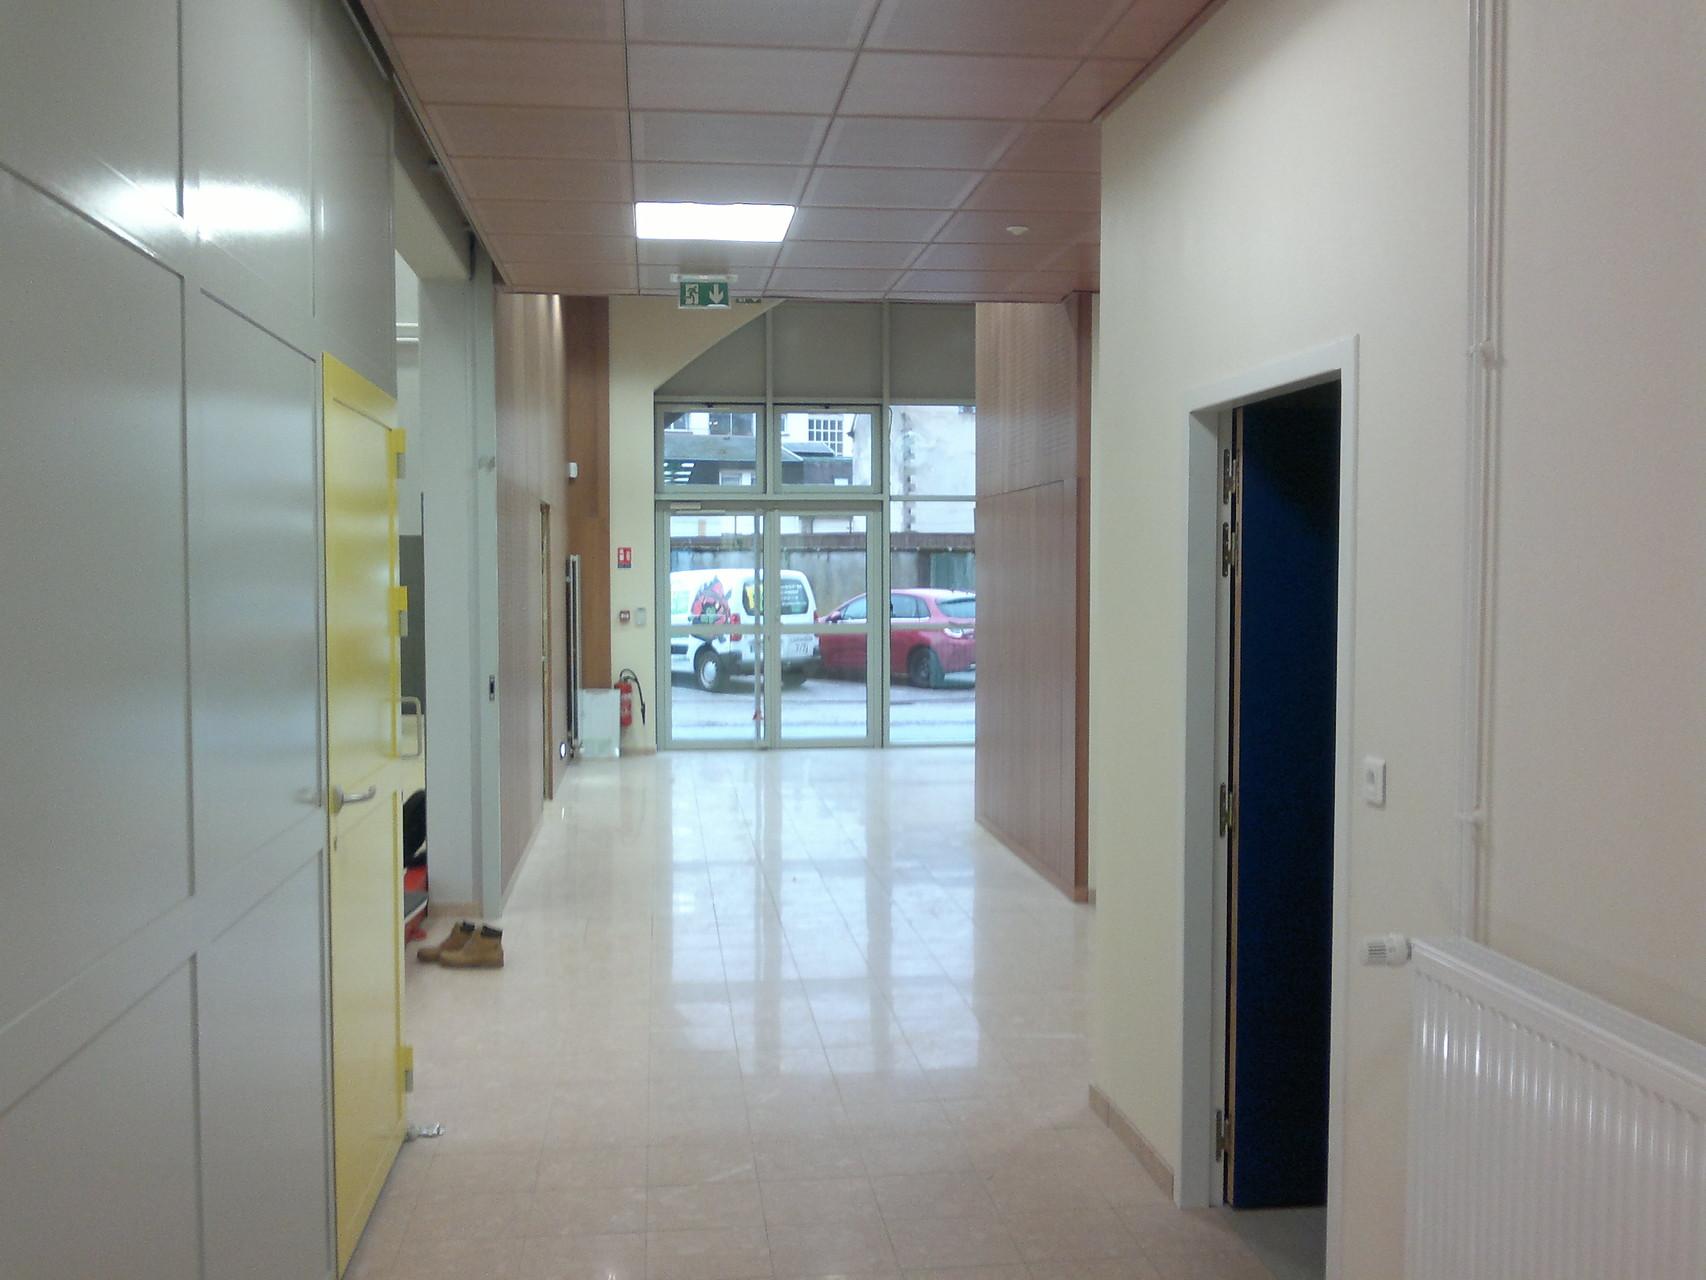 Vue du fond du couloir vers l'entrée.